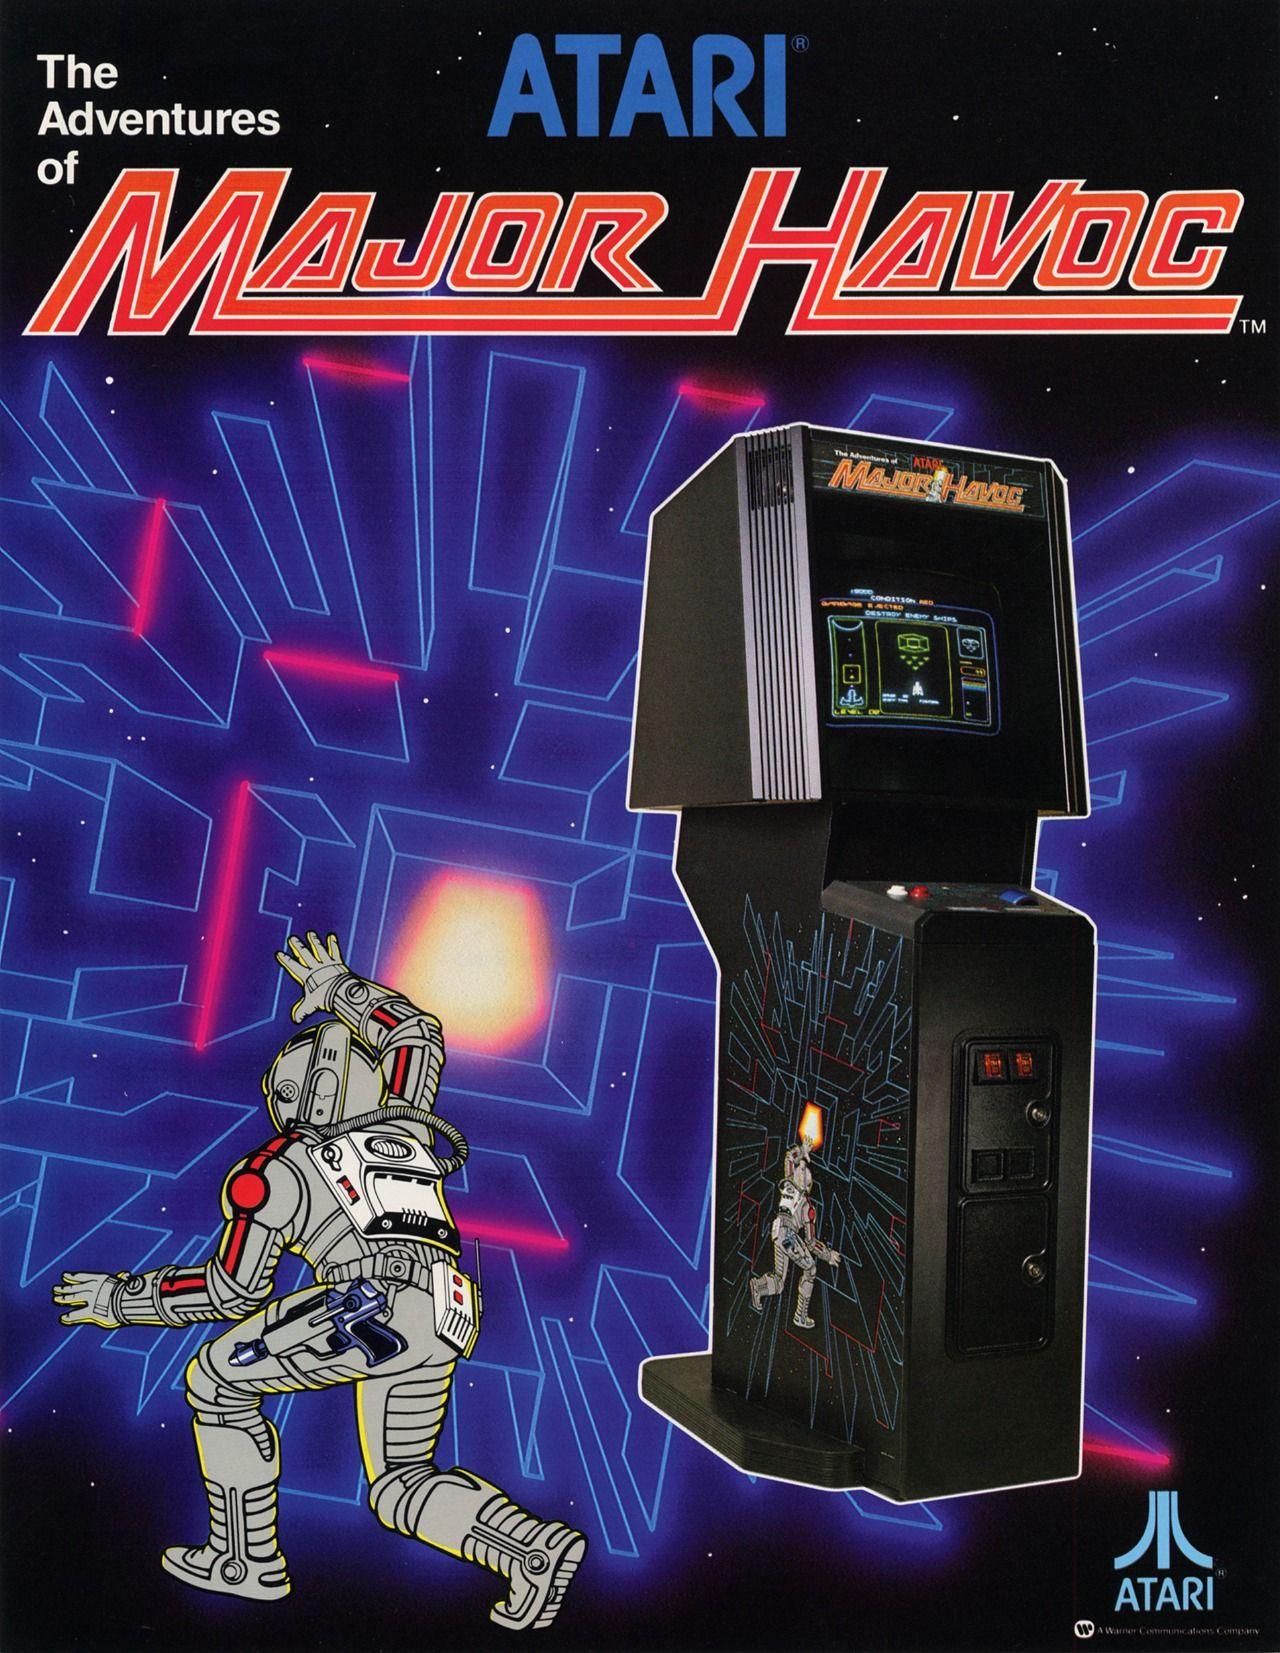 The Adventures of Major Havoc (1983) Arcade, Arcade